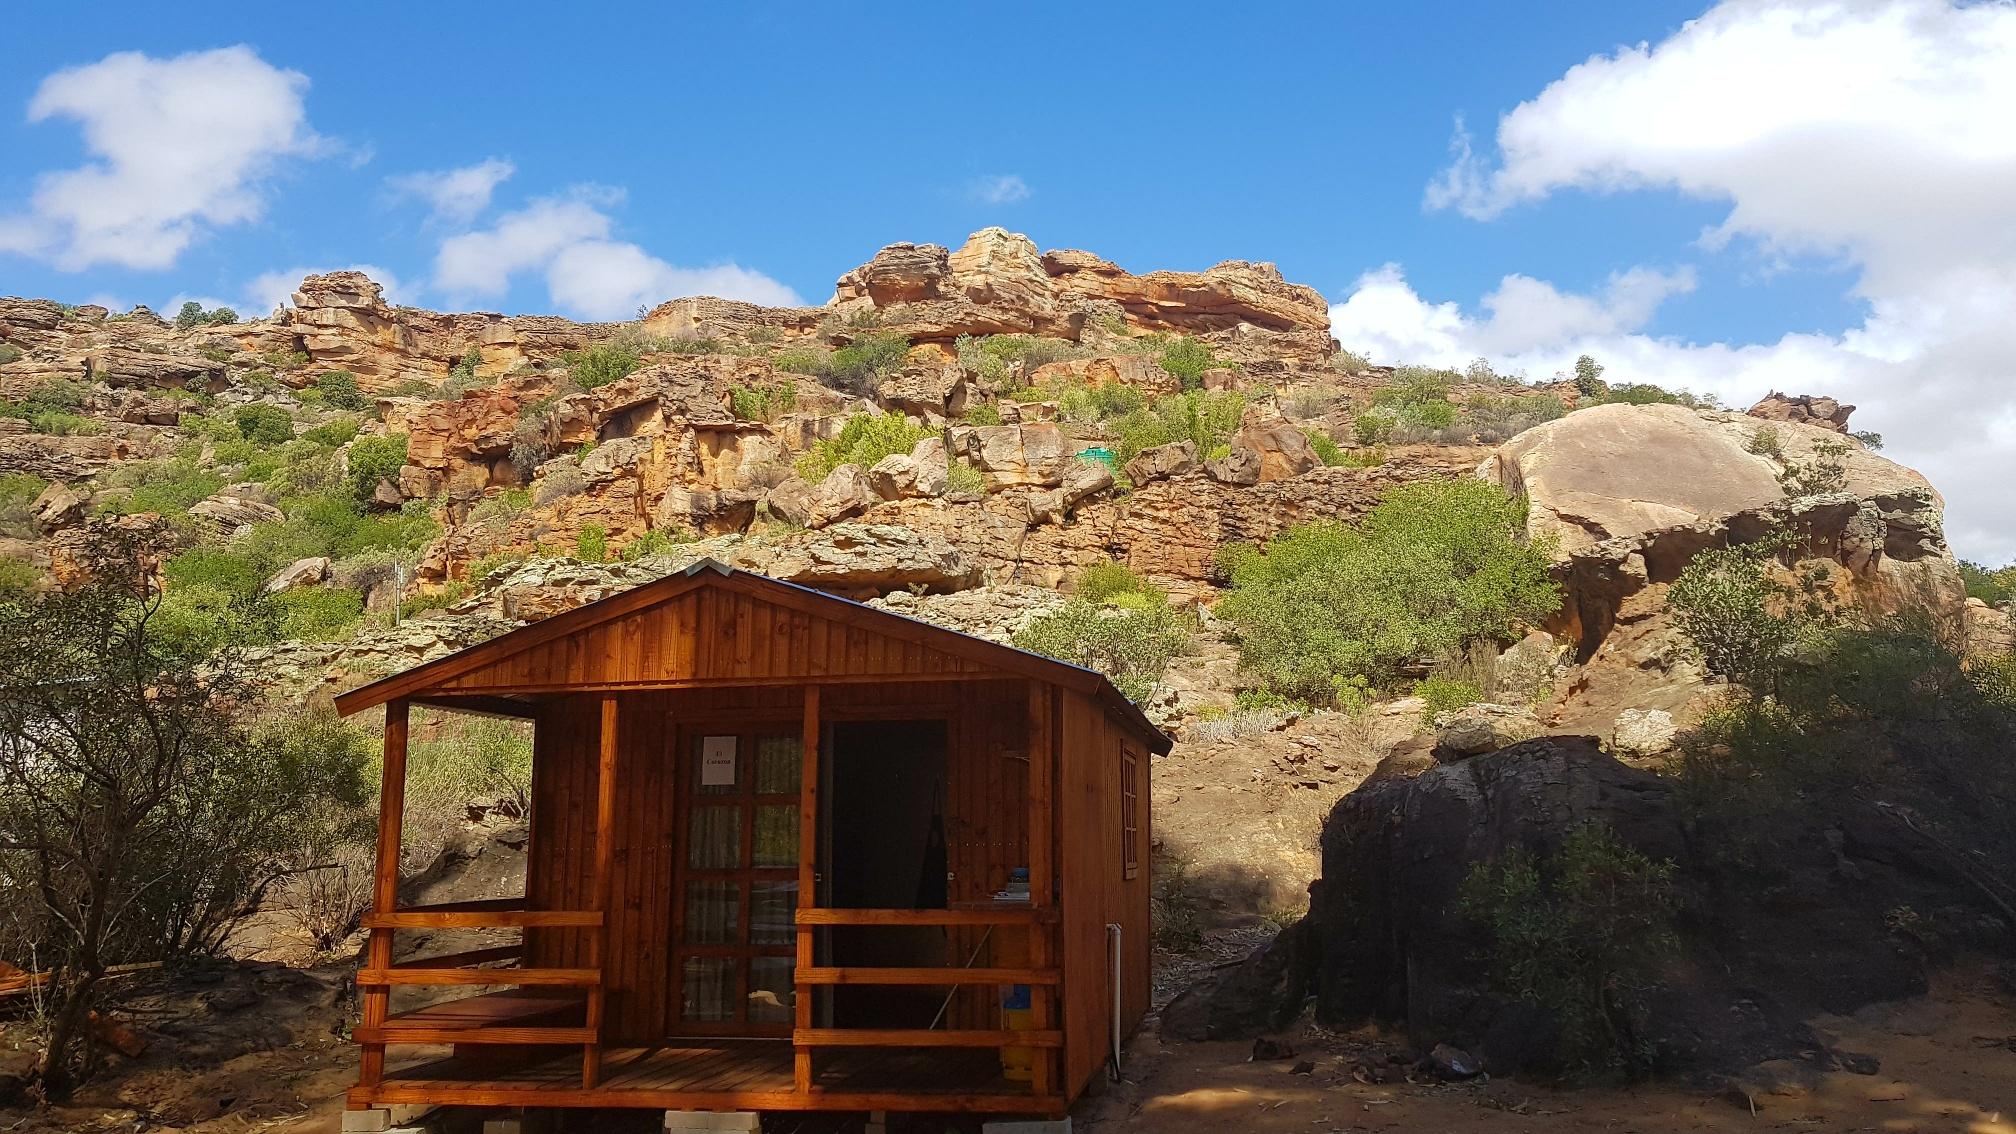 Camp Cabin El Corazon